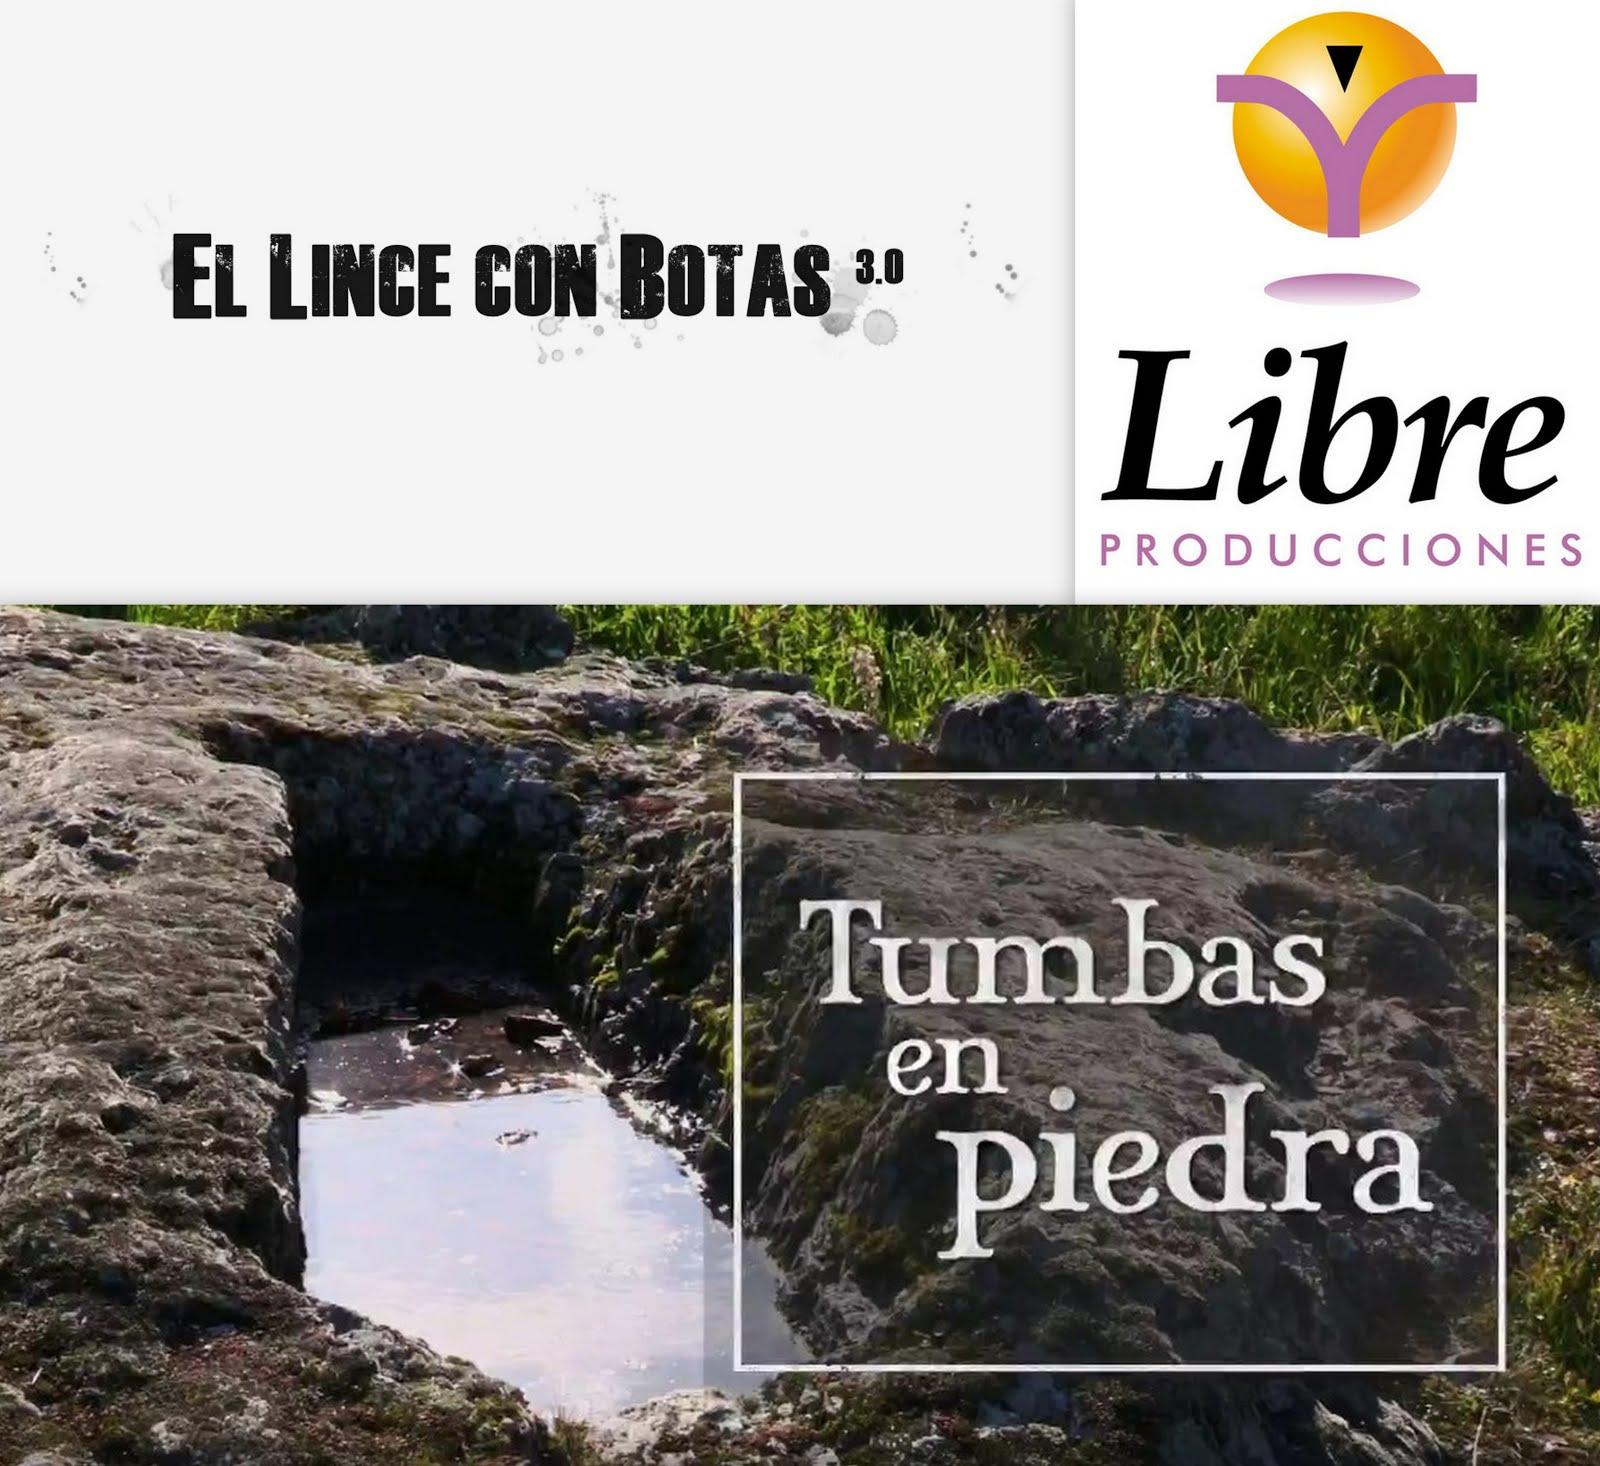 El lince con botas 3.0: Tumbas en piedra (Arroyo de la Luz y Aliseda)